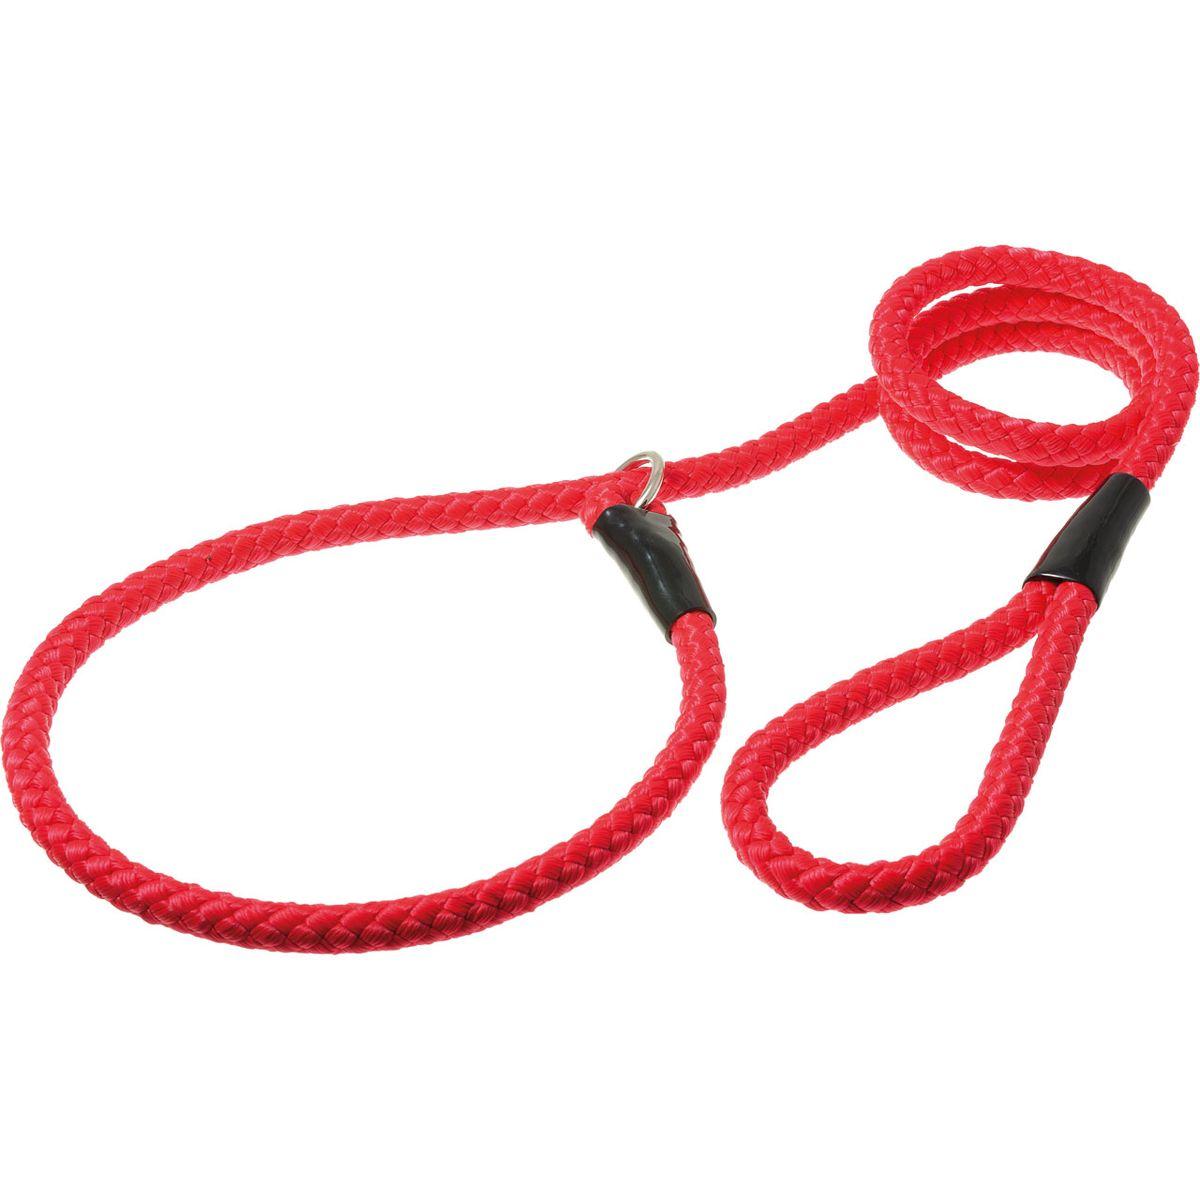 Поводок для собак V.I.Pet, цвет: красный, диаметр 12 мм, длина 1,7 мPDE1268RПоводок-удавка V.I.Pet состоит из петли с фиксатором и, собственно, поводка. Является самым распространенным видом выставочной амуниции. Подходит также для повседневного использования.